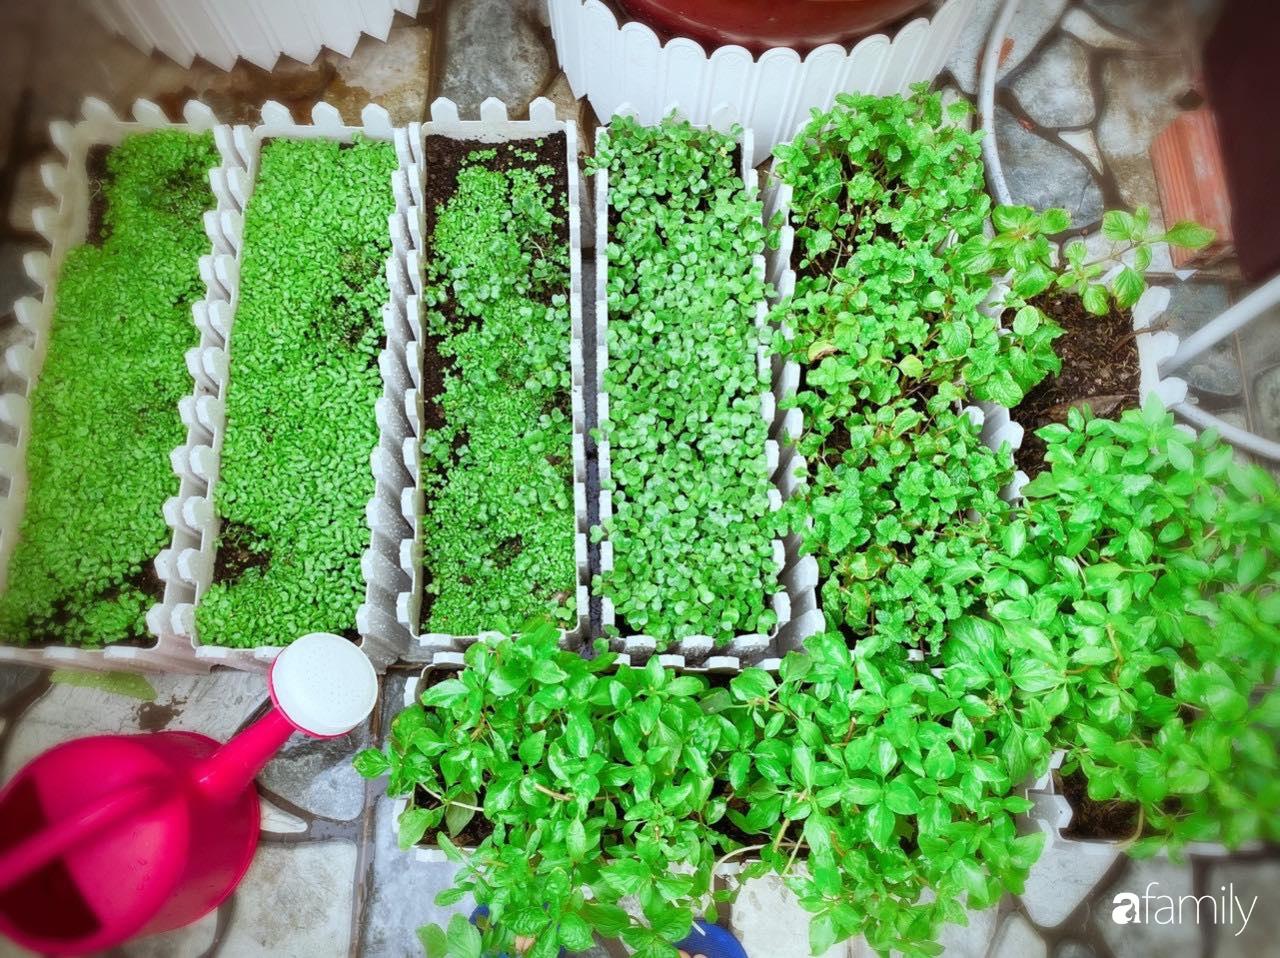 Biệt thự xanh mát bóng cây và hoa hồng rực rỡ của người phụ nữ yêu thiên nhiên ở TP. HCM - Ảnh 9.